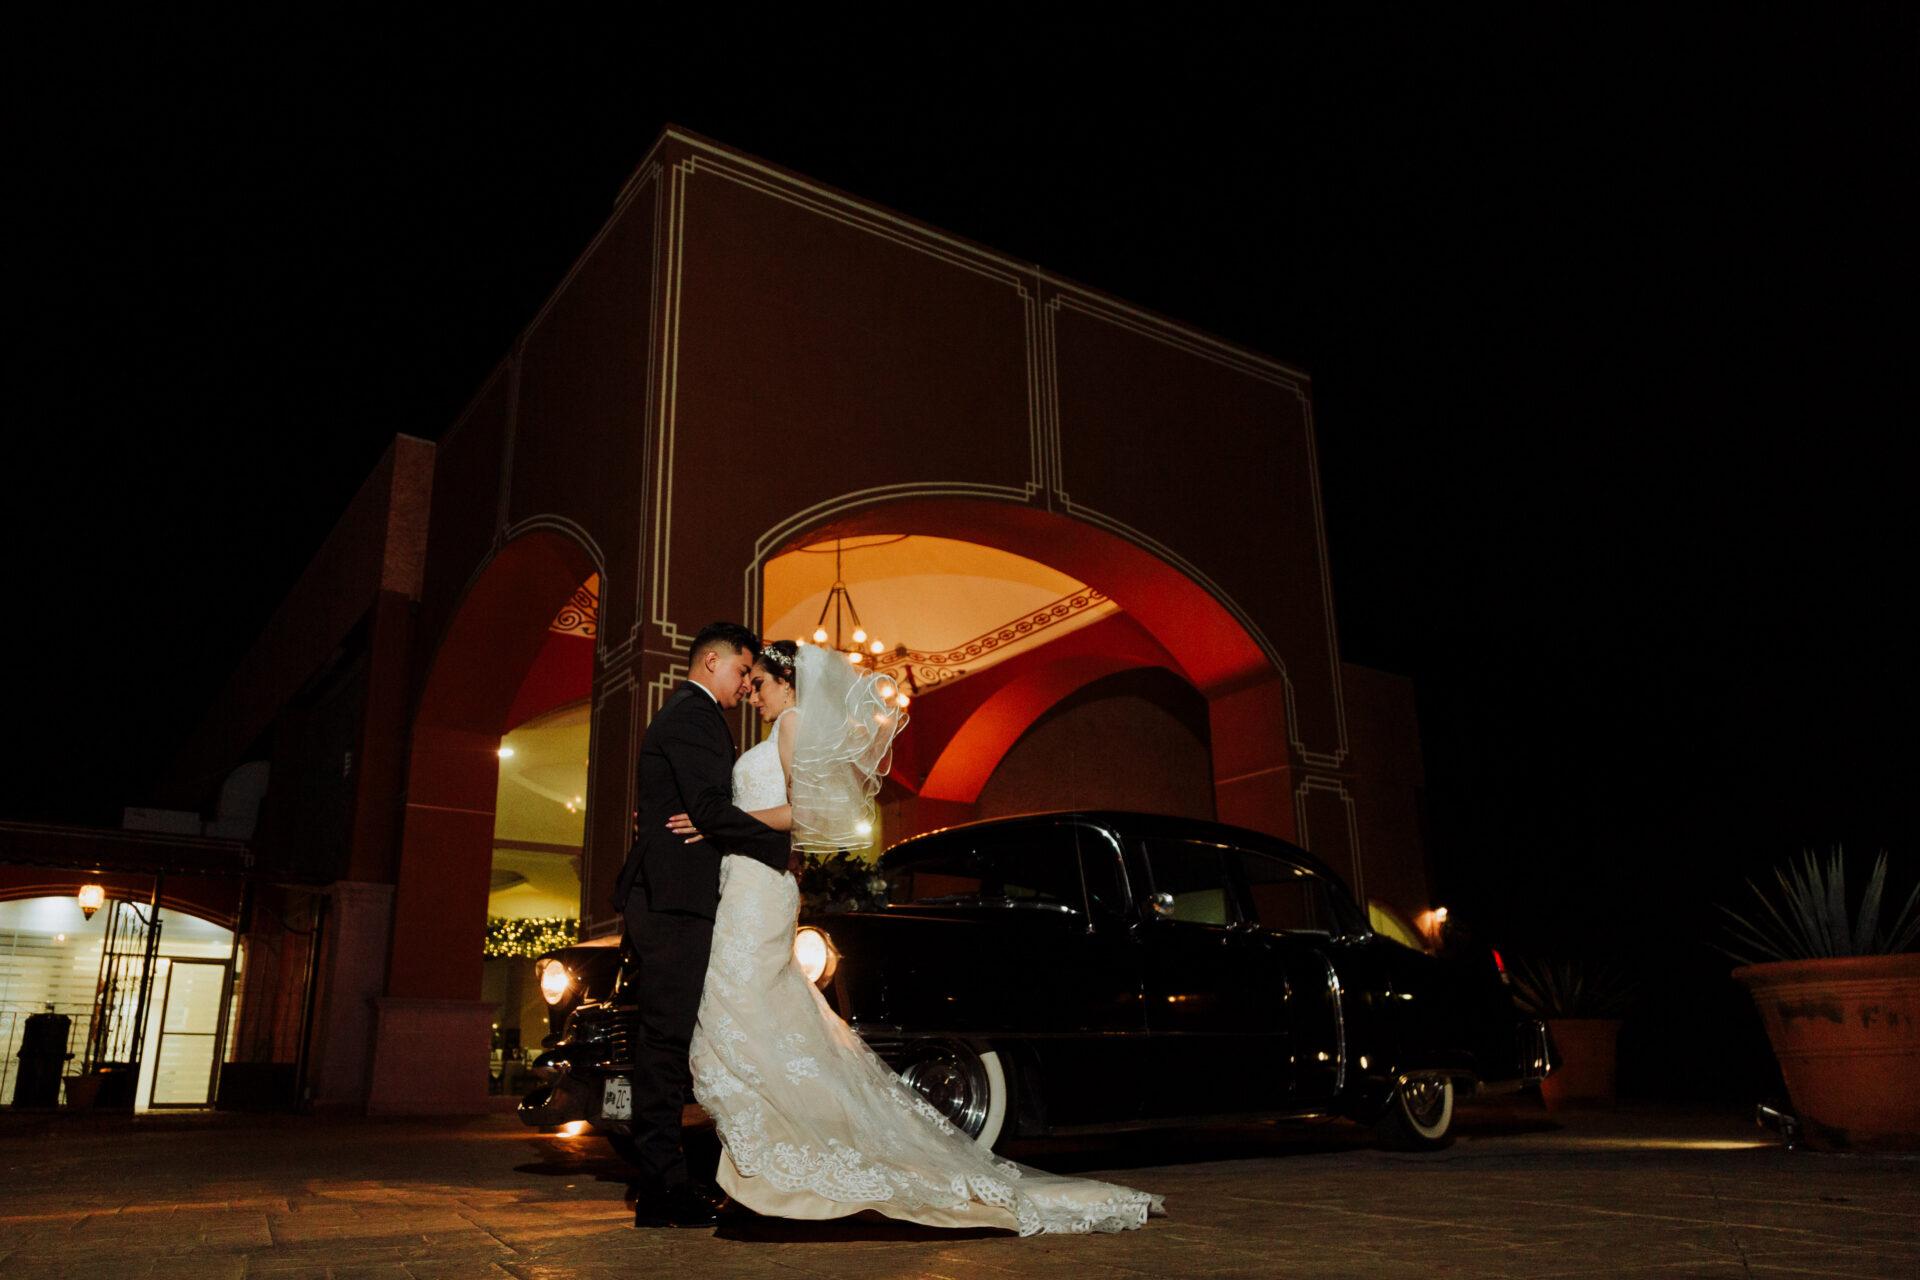 javier_noriega_fotografo_Boda_san_ramon_zacatecas_wedding_photographer16